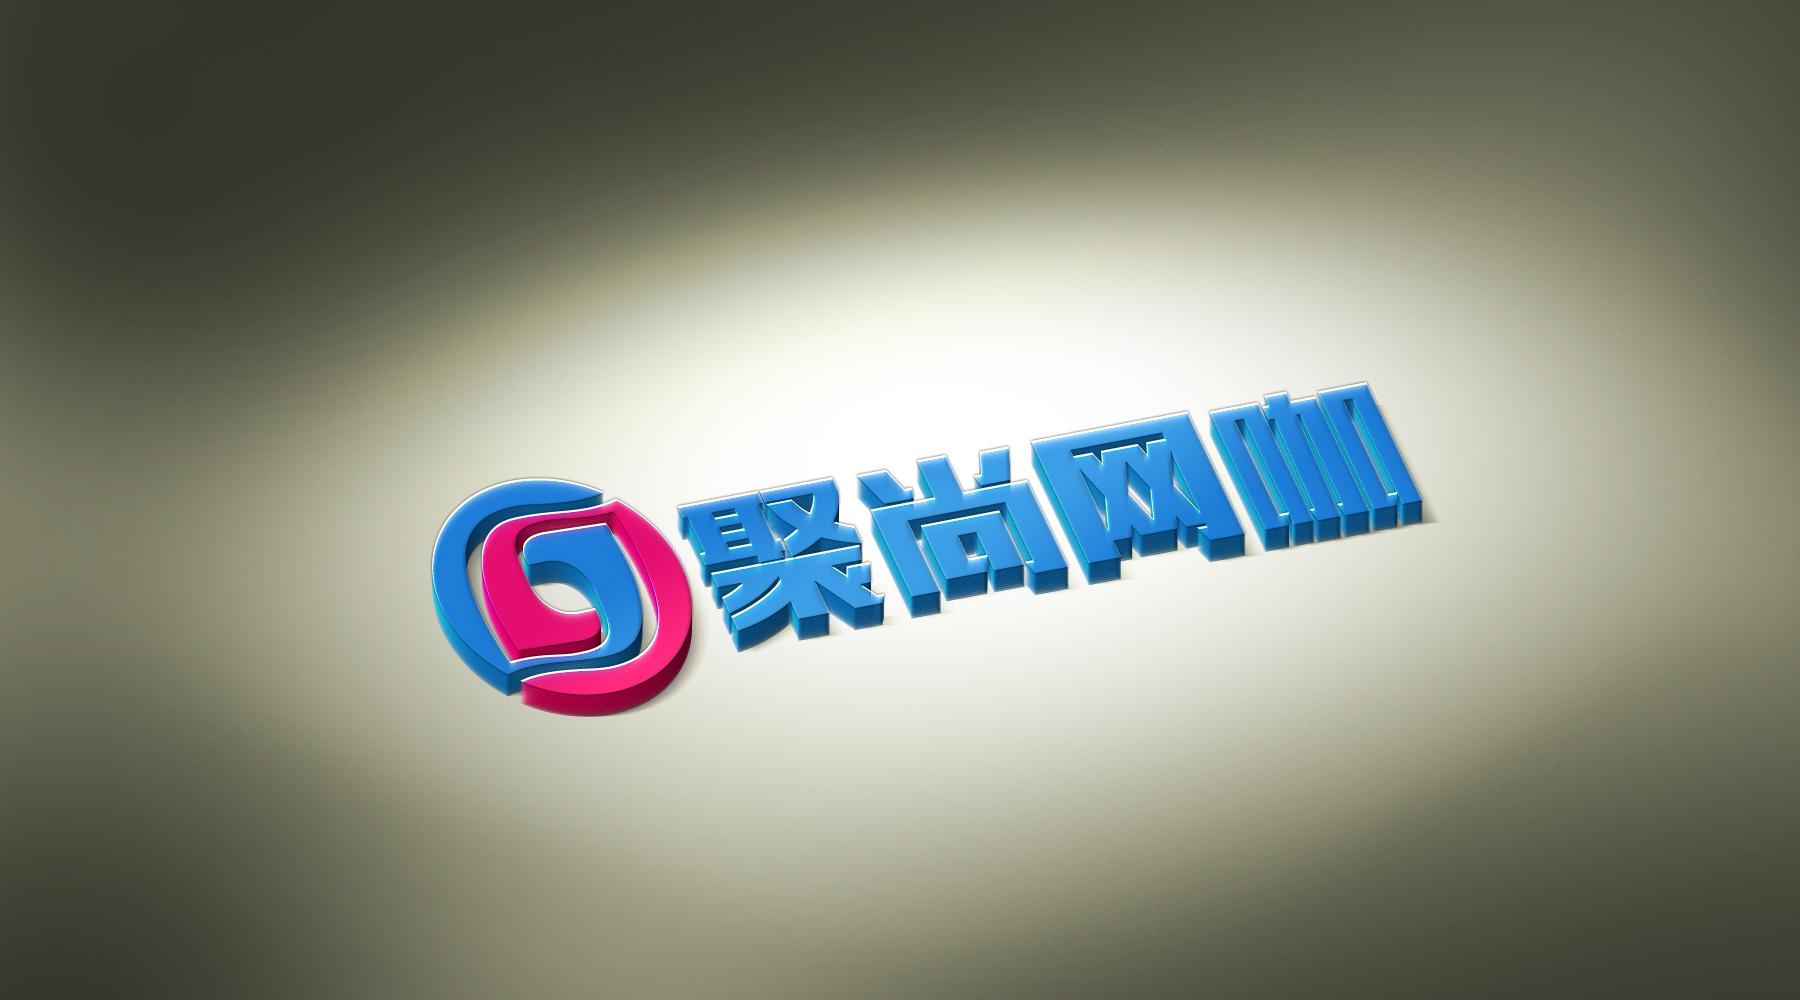 网咖logo设计【参与时间从后到前】_logo设计_商标/vi